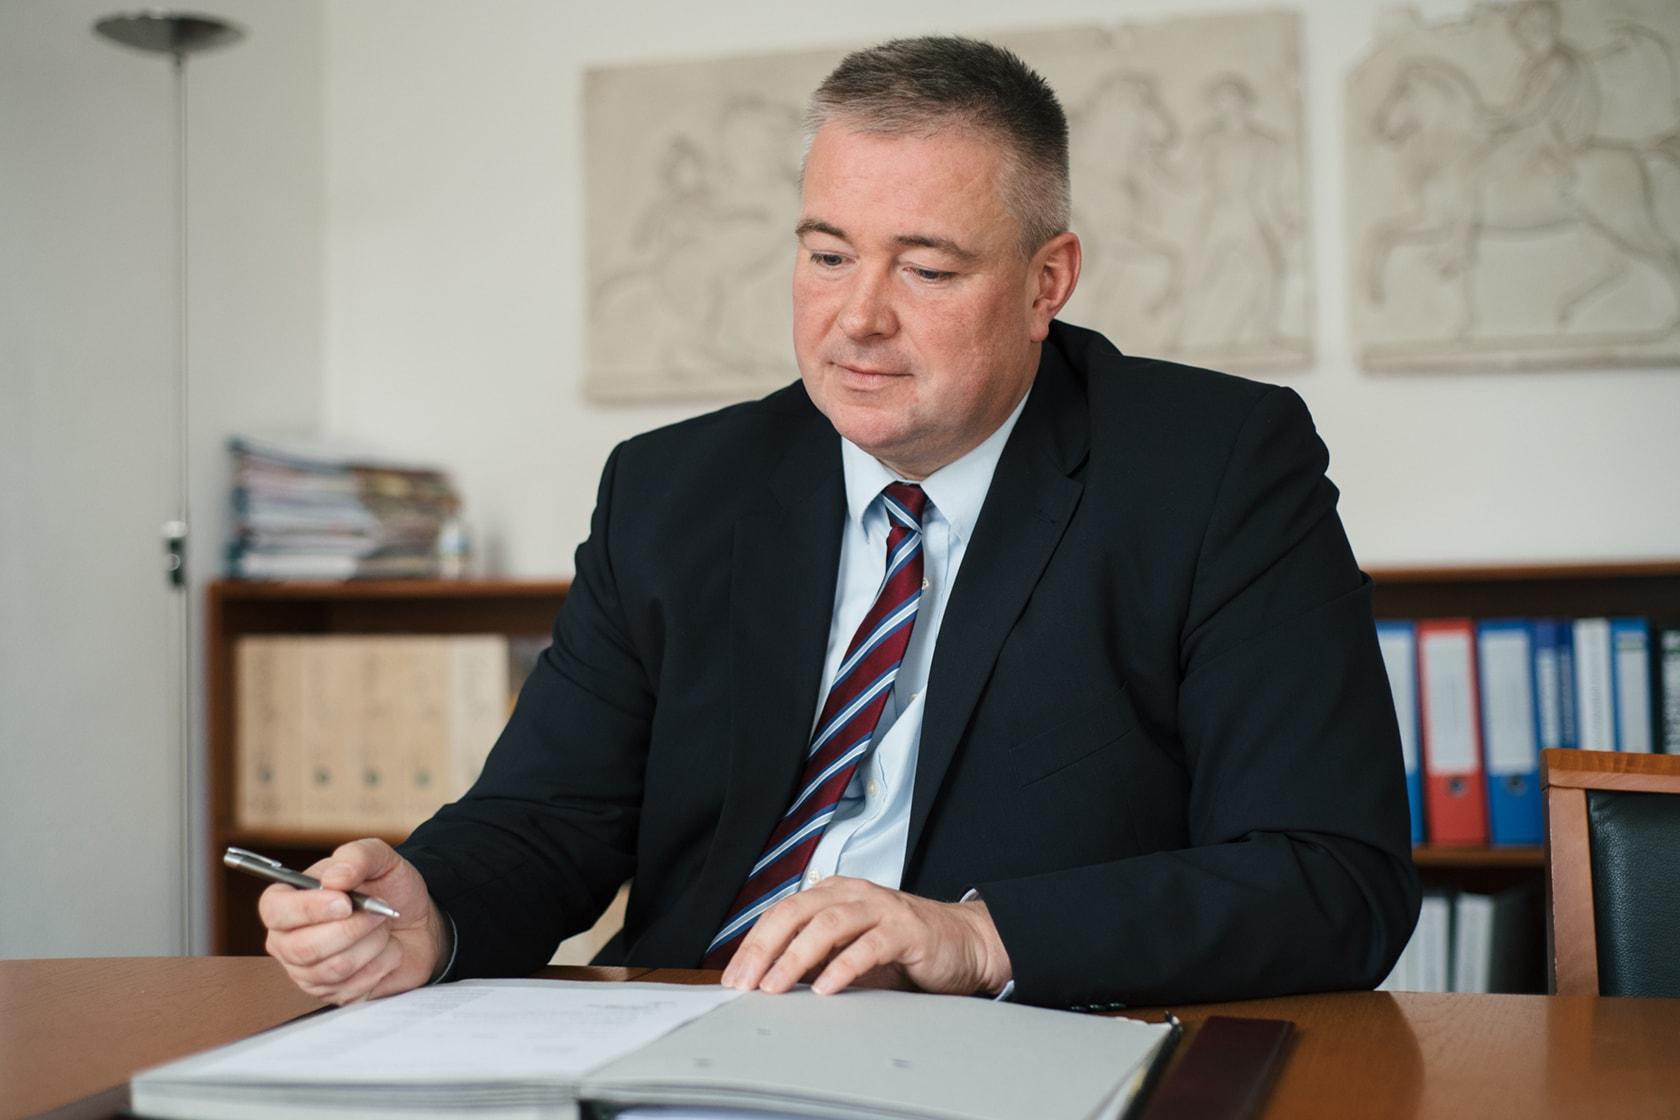 Ralf Pagels, Rechtsanwal, Notar und Fachanwalt für Verkehrsrecht und für Versicherungsrecht, untersucht einen Fall